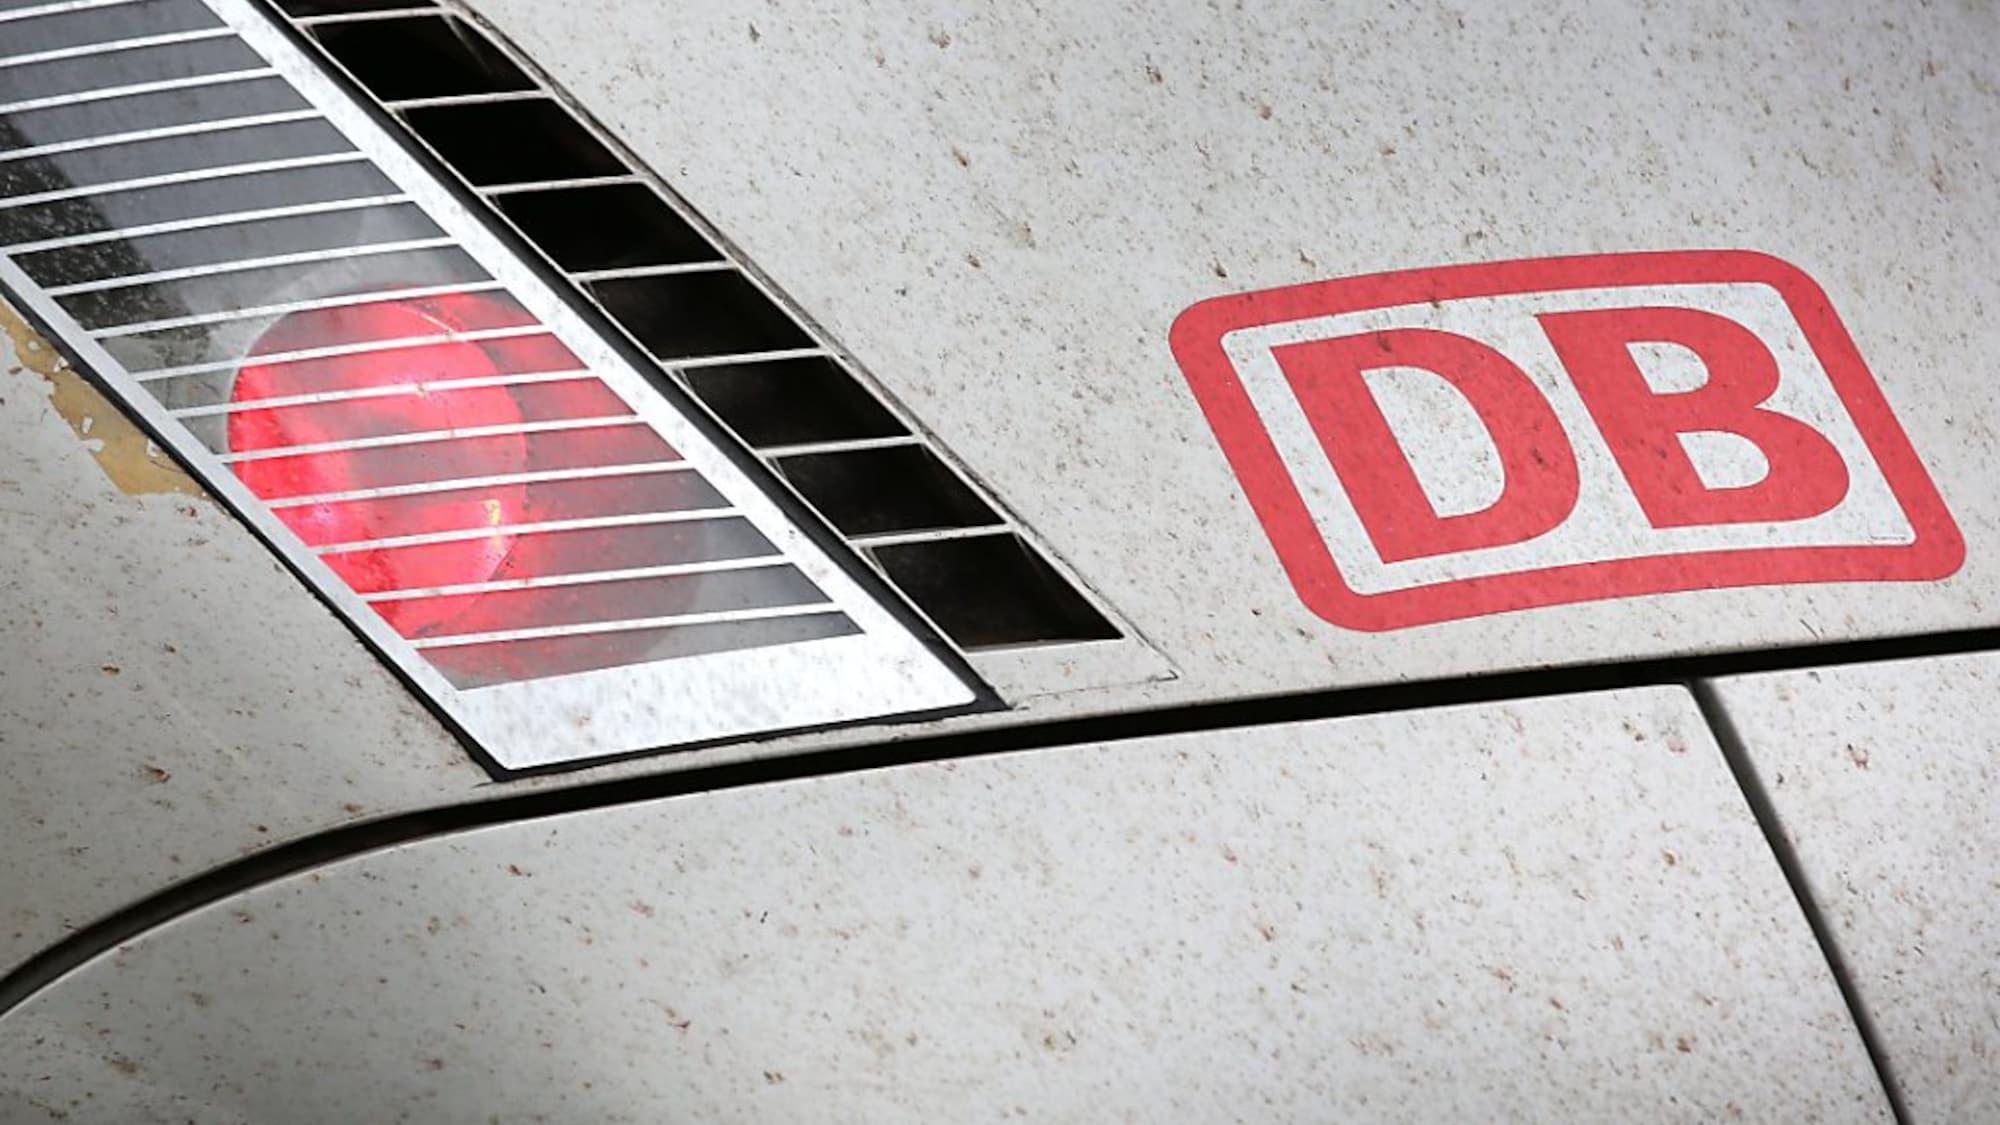 Bahnunfall: SBB beauftragt Deutsche Bahn mit Modernisierung des Unfallwagentyps